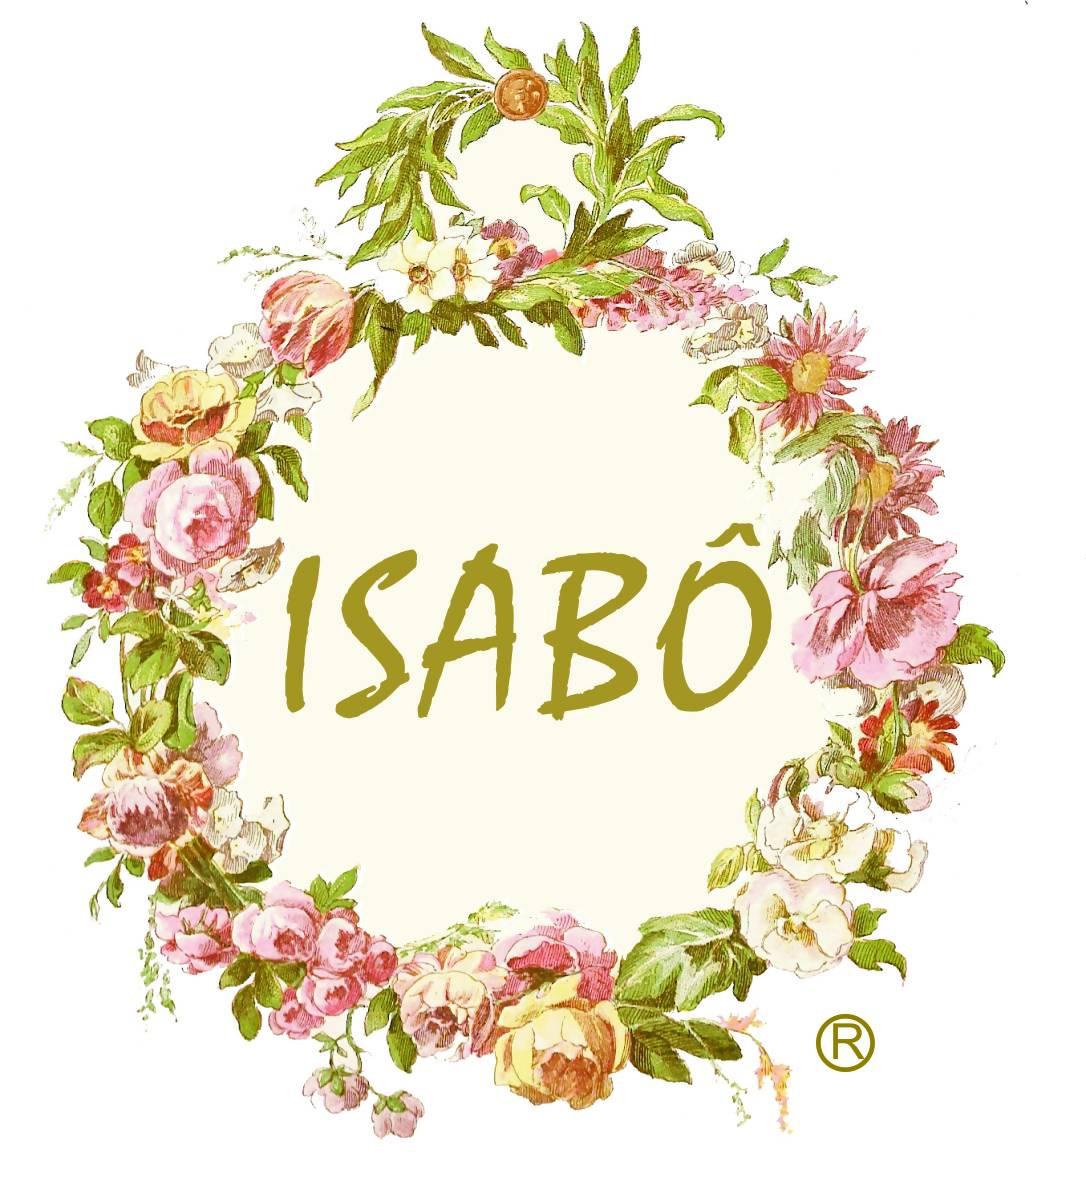 Imagem de loja Isabô